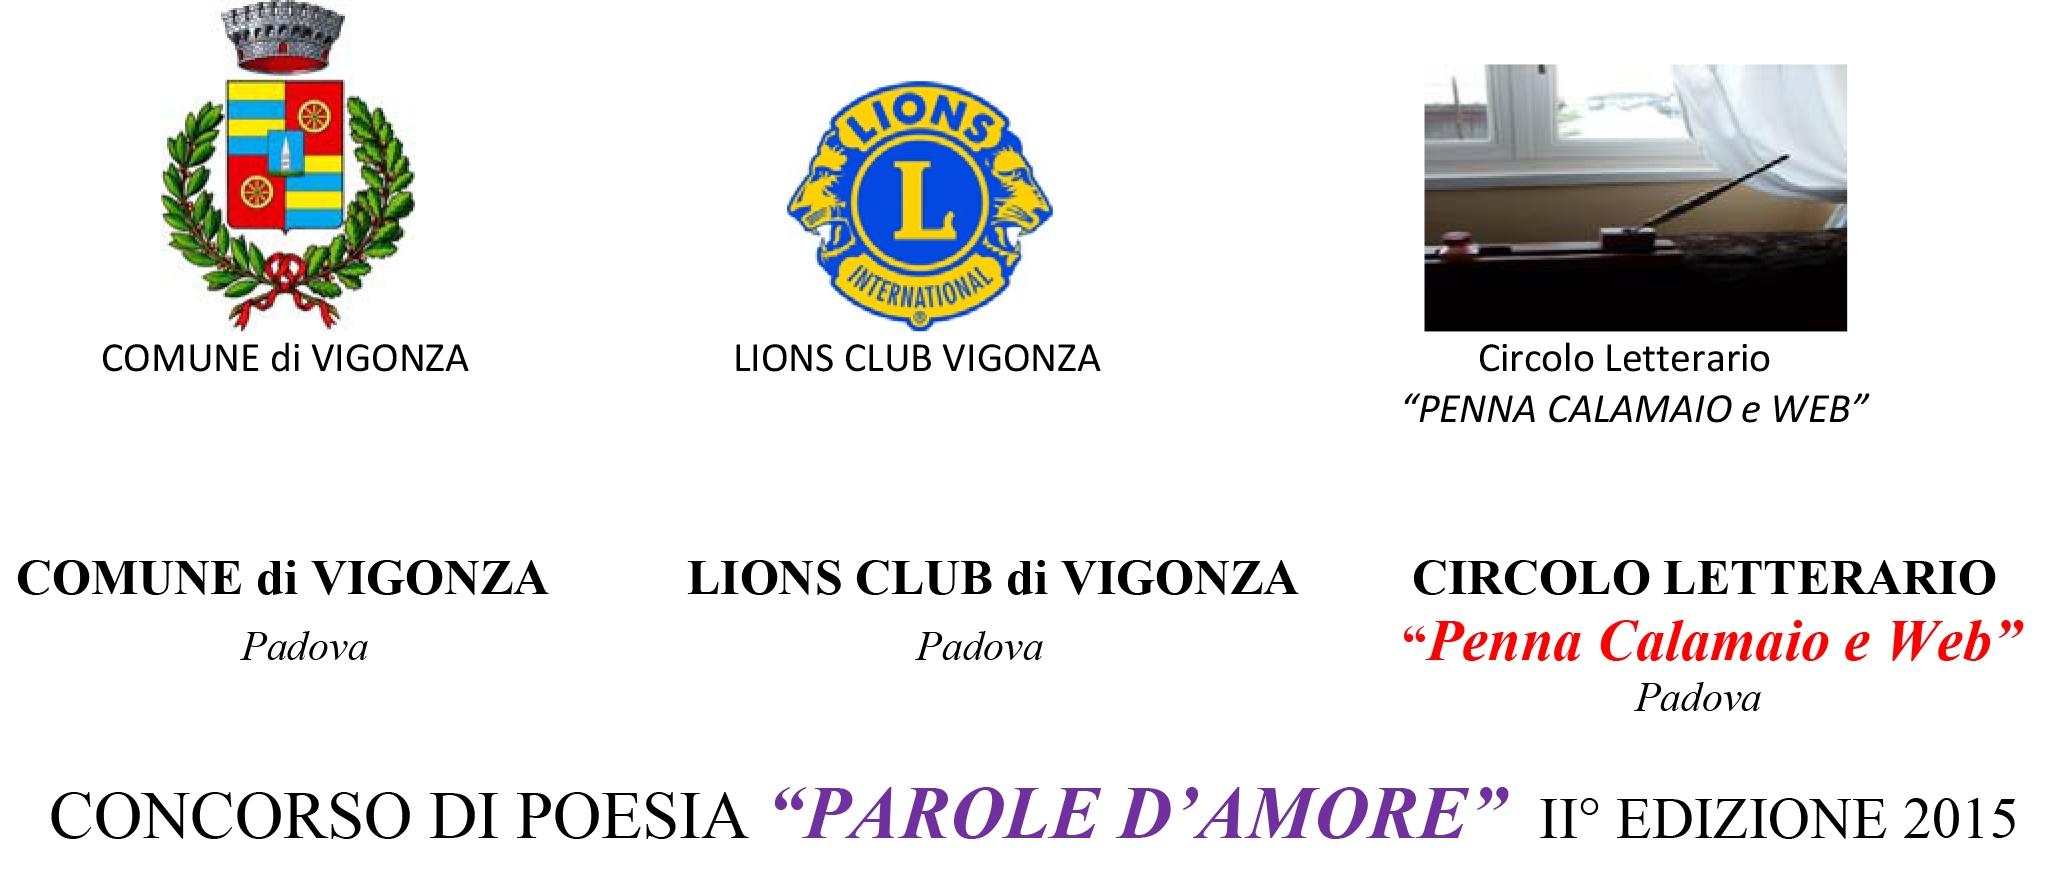 """VIGONZA 7 CAMPANILI: CONCORSO DI POESIA """"PAROLE D'AMORE"""" II° EDIZIONE 2015"""